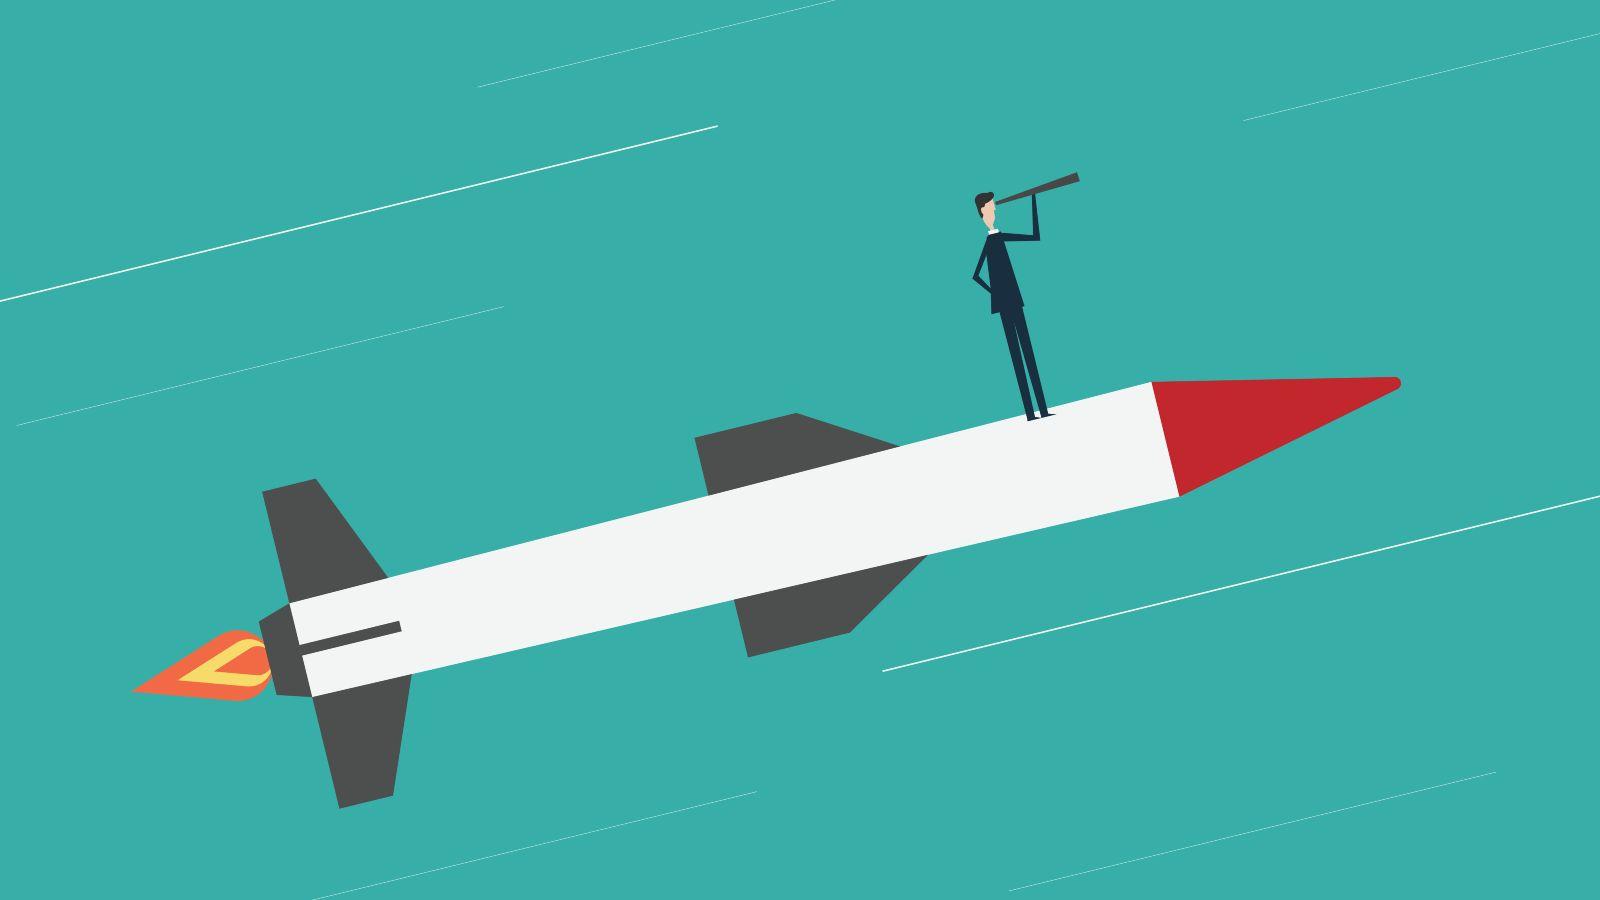 Das Bild ist eine Zeichnung. Es zeigt einen Mann, der auf einer Rakete durch das All fliegt und ein Fernrohr vor seine Augen hält.